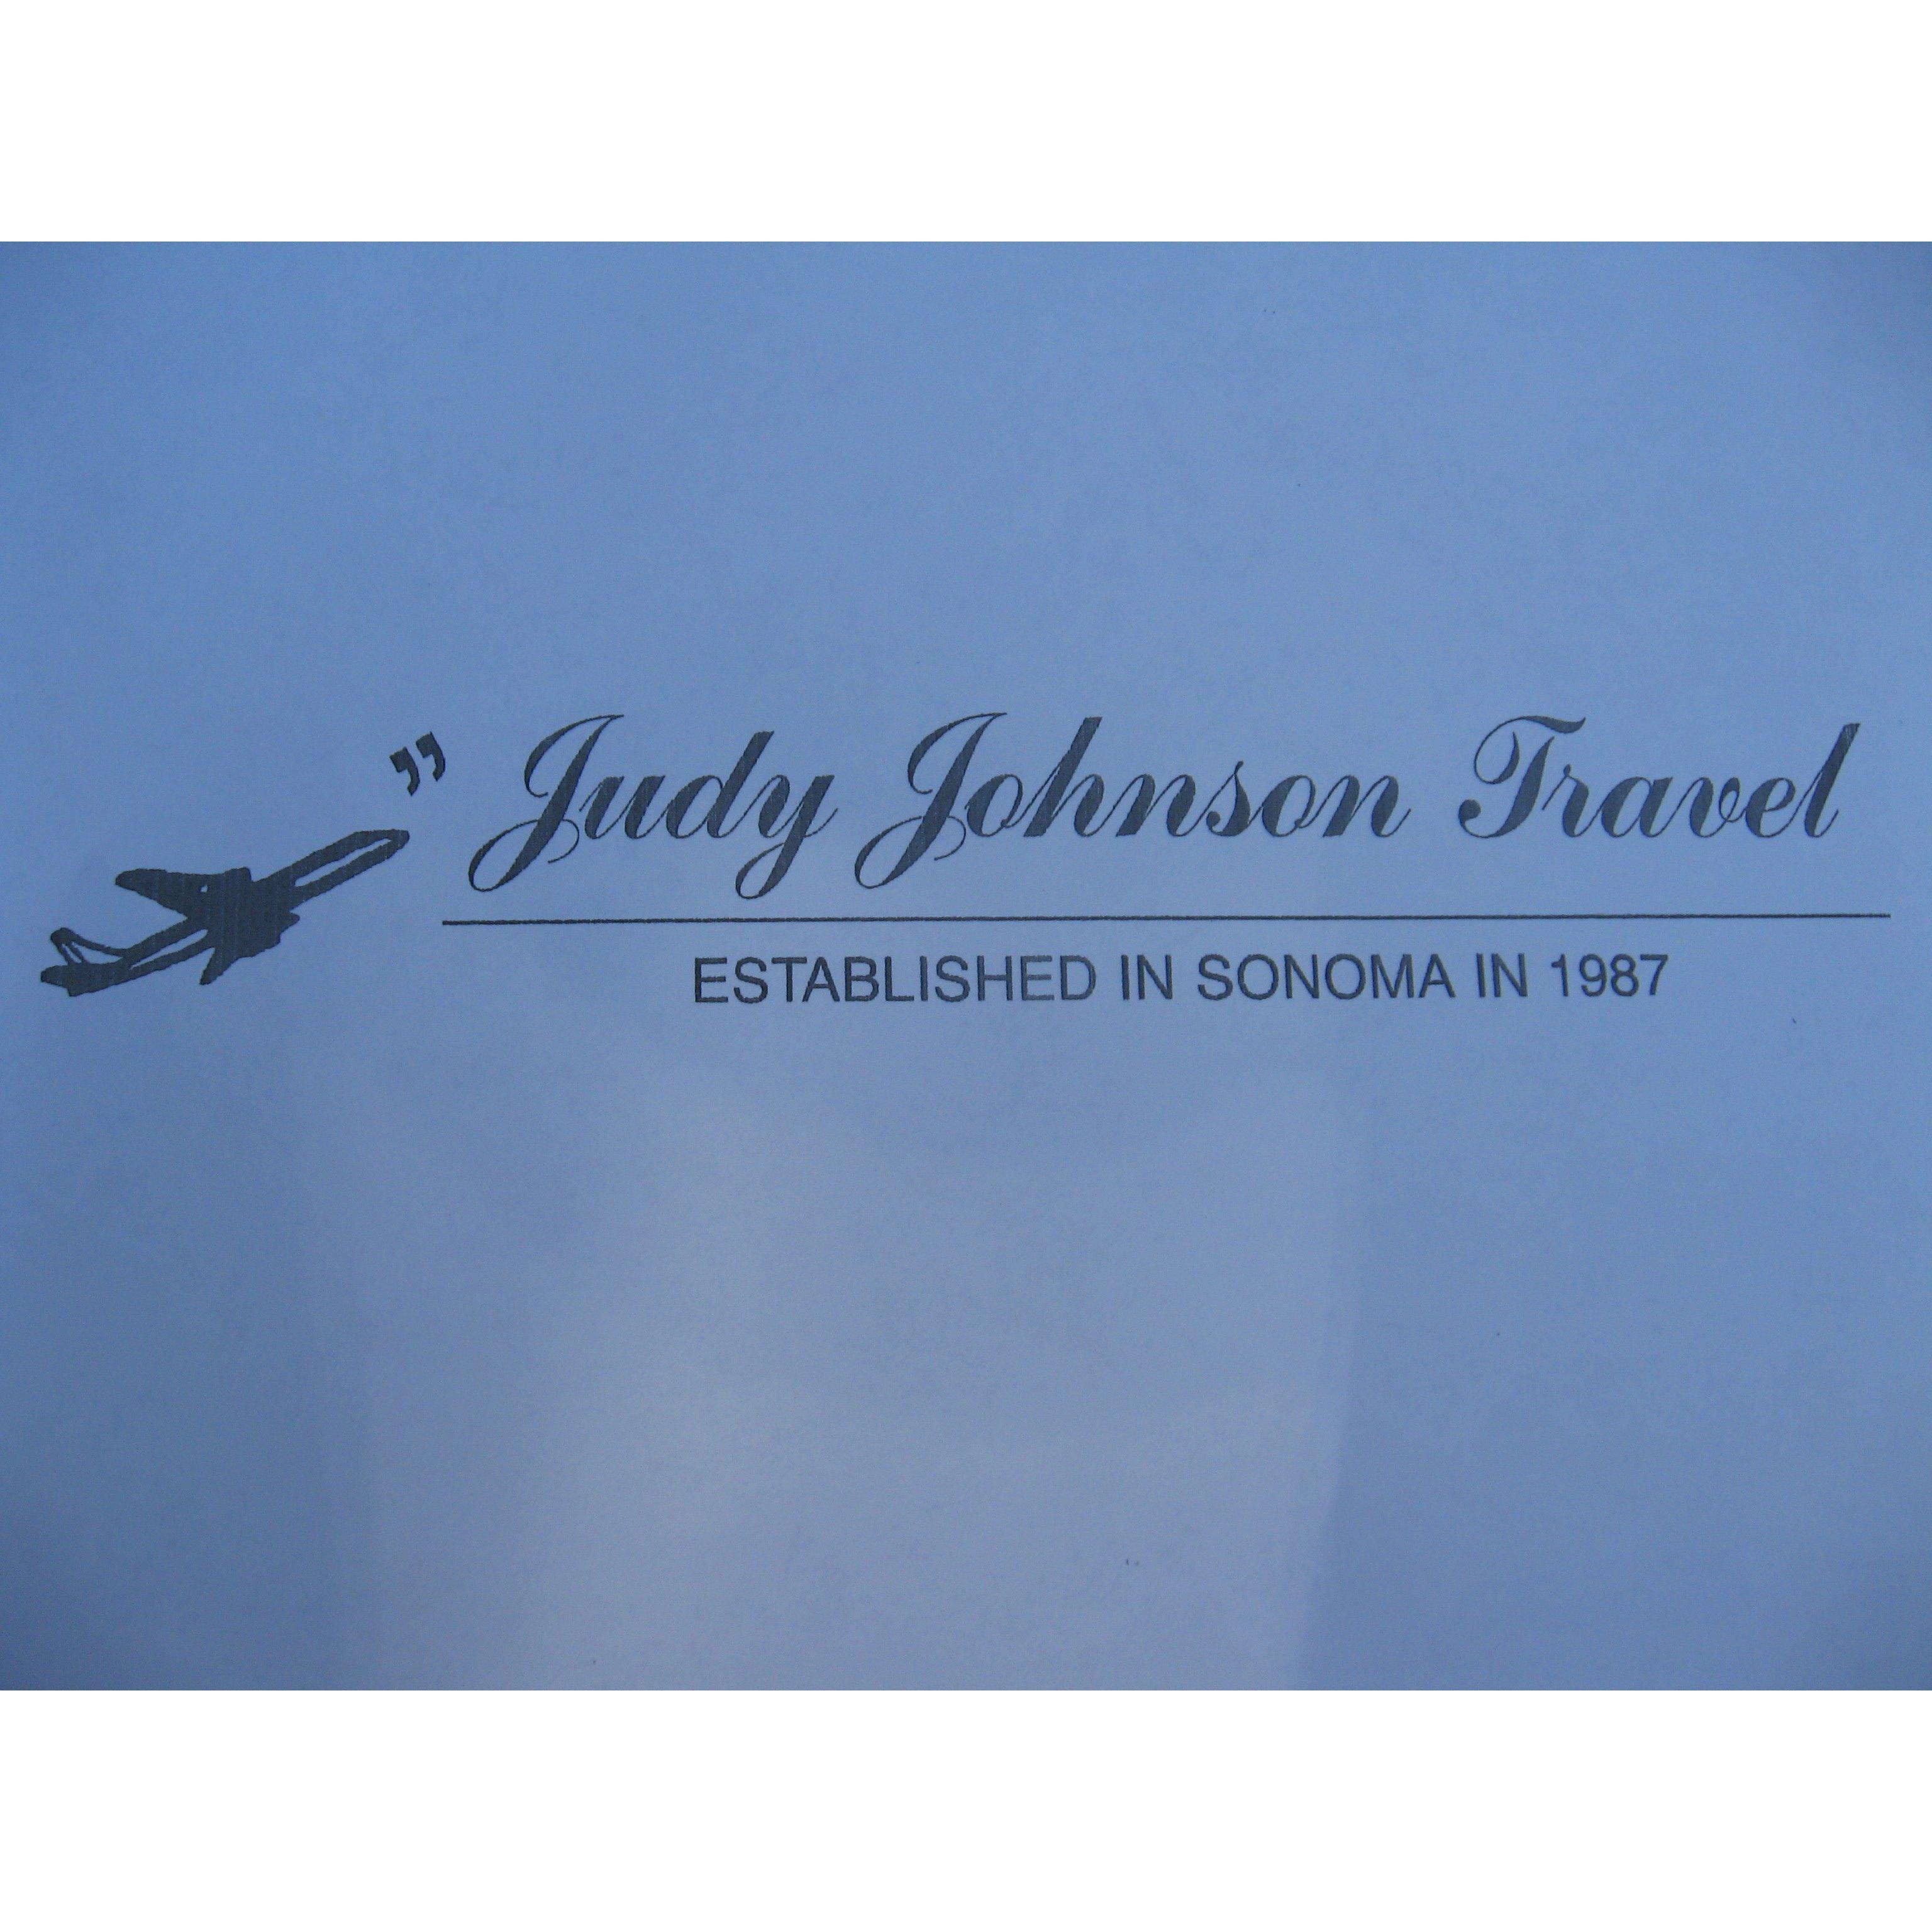 Travel Insurance For Senior Citizens In California